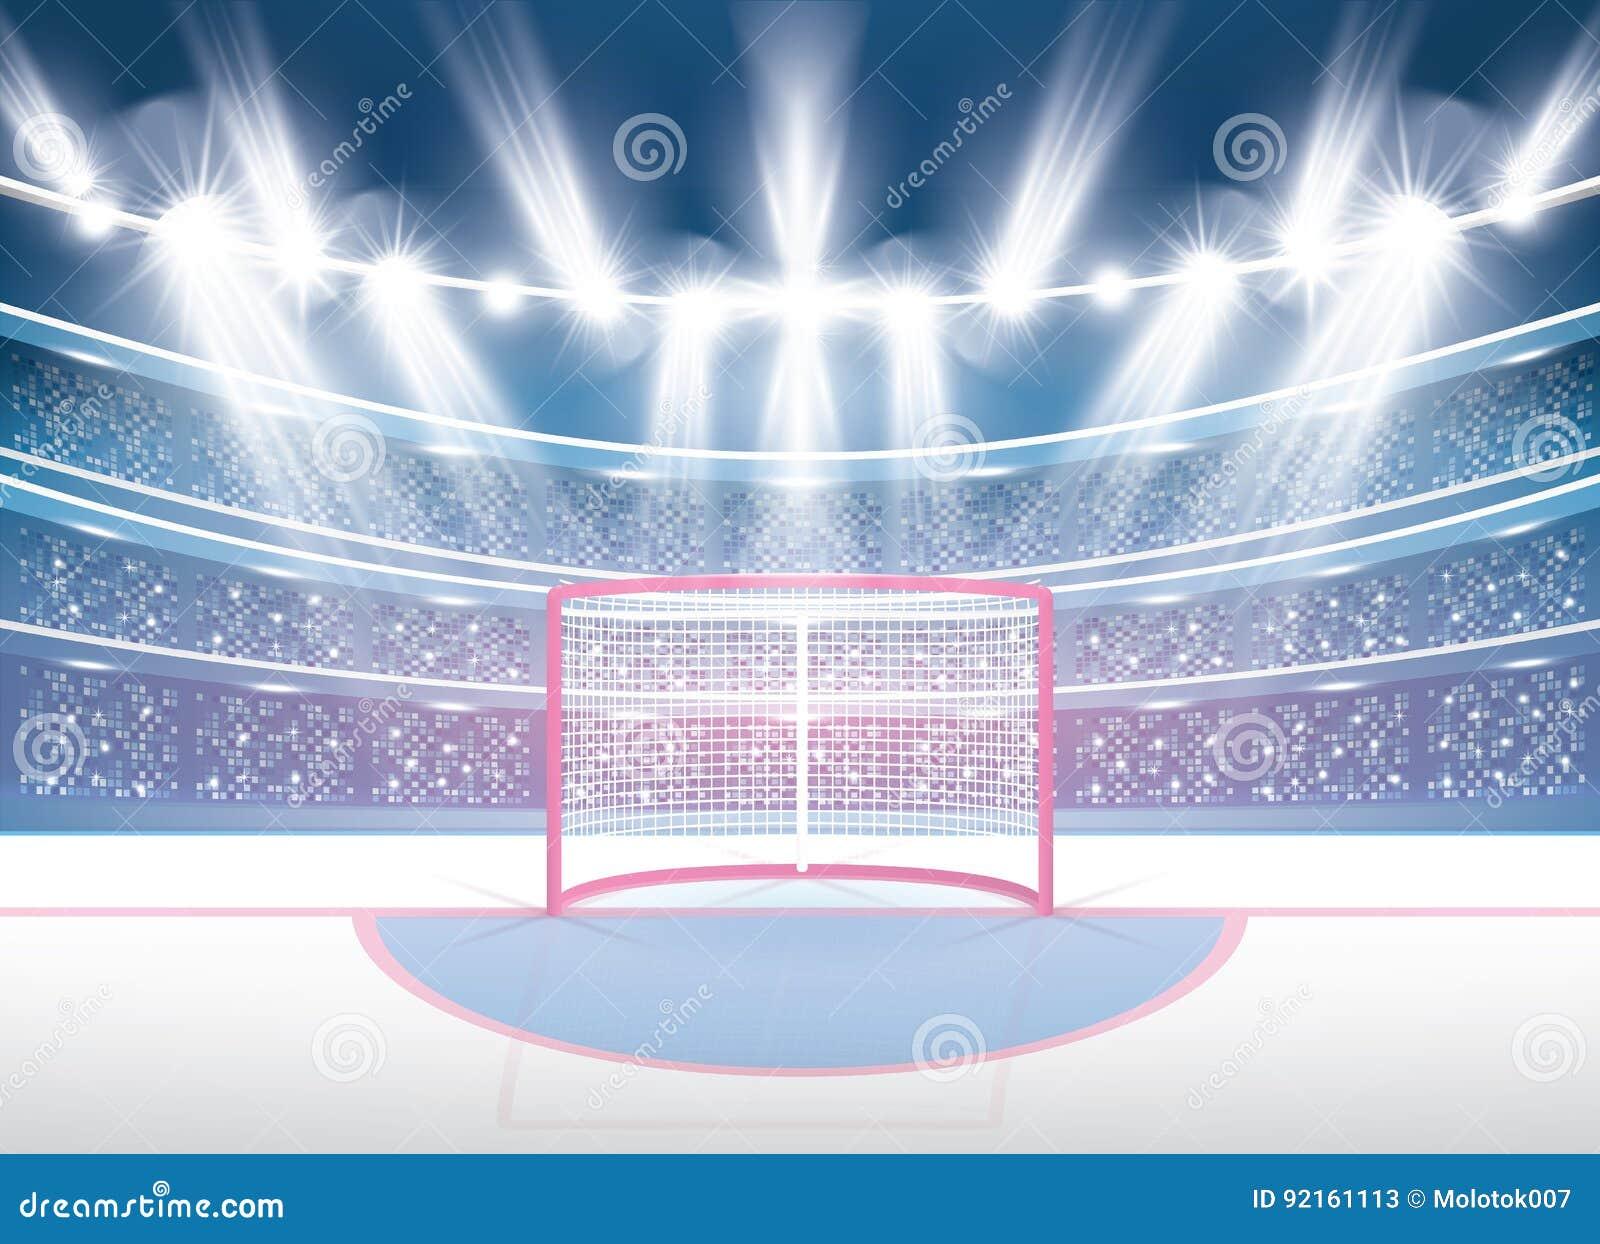 Στάδιο χόκεϋ πάγου με τα επίκεντρα και τον κόκκινο στόχο